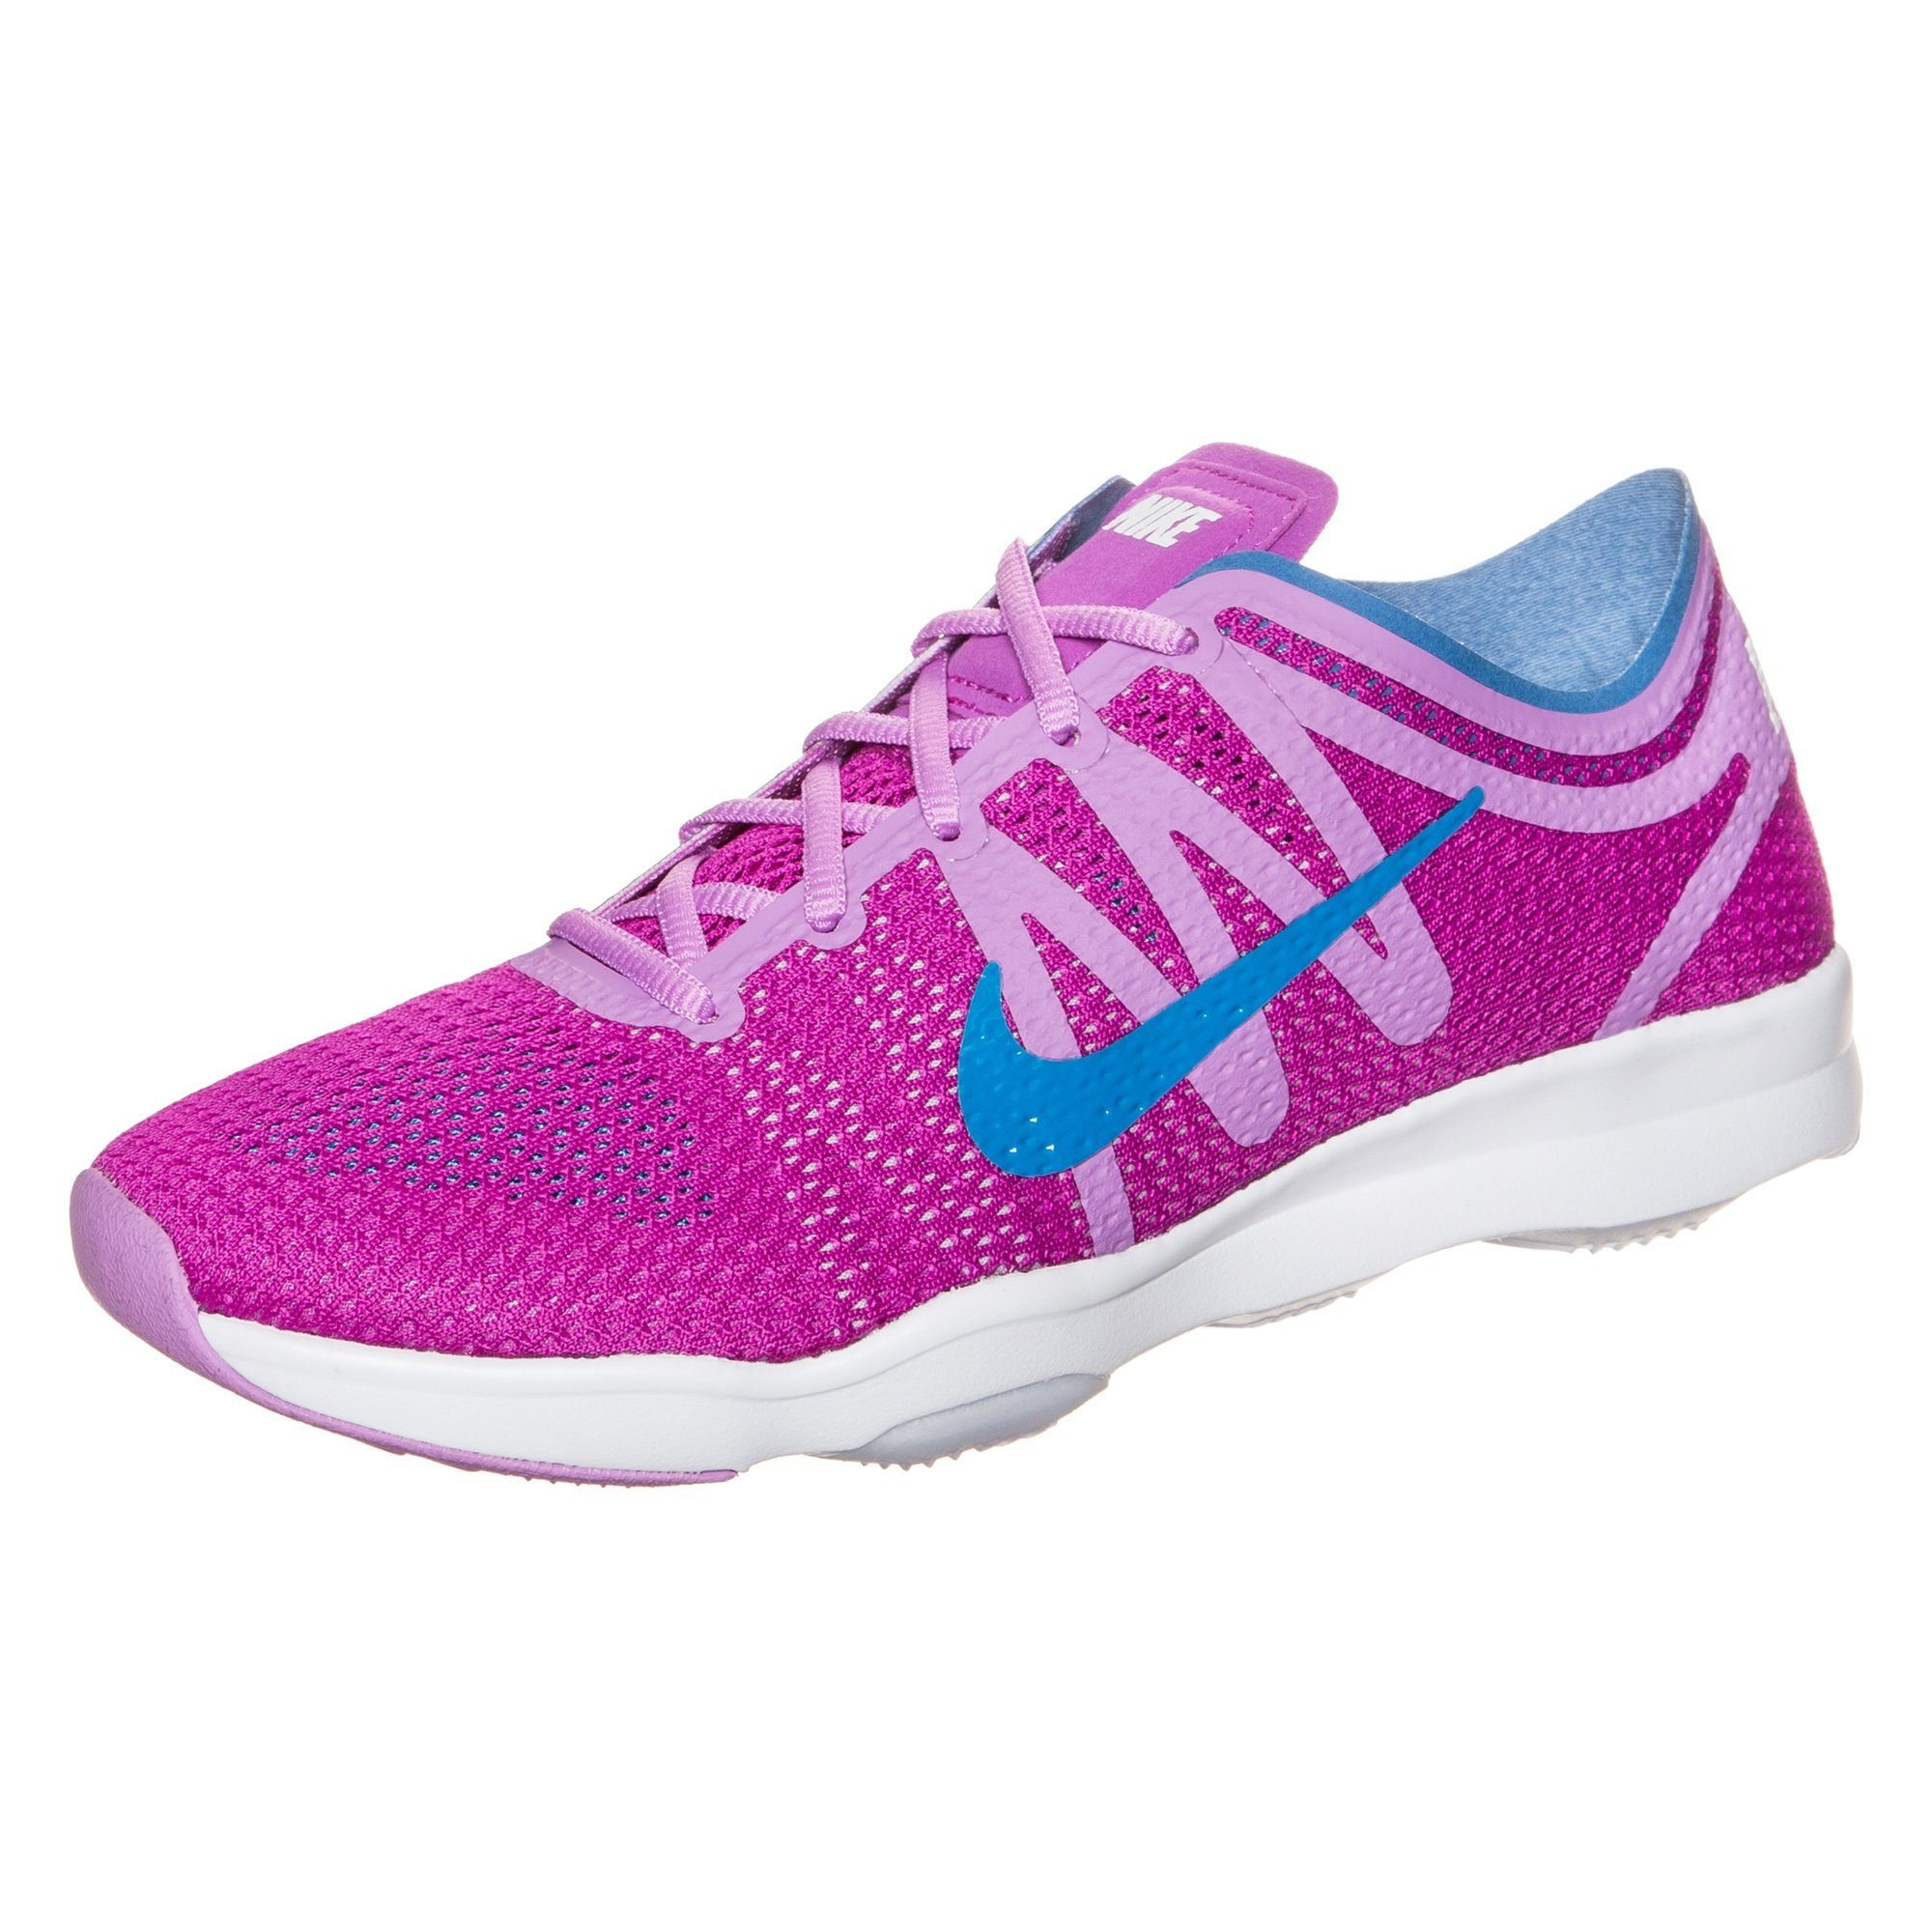 Nike Air Zoom Fit 2 Trainingsschuh Damen online kaufen kaufen kaufen   Gutes Preis-Leistungs-Verhältnis, es lohnt sich 4d4ac8